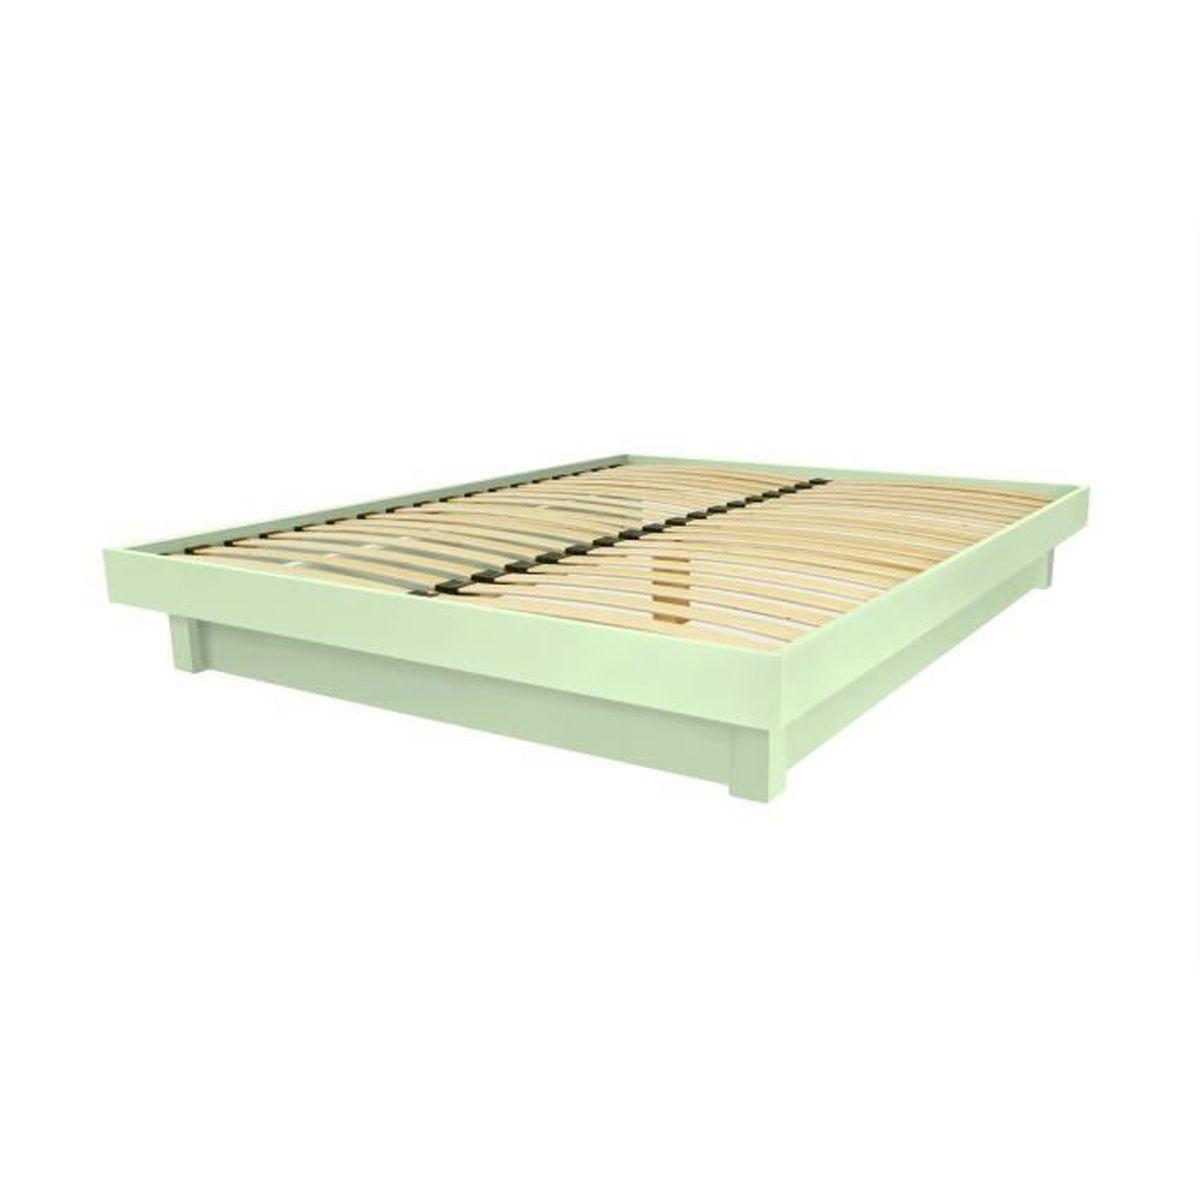 Lit plateforme bois massif pas cher (Vert Pastel - 140x190) - Achat ...